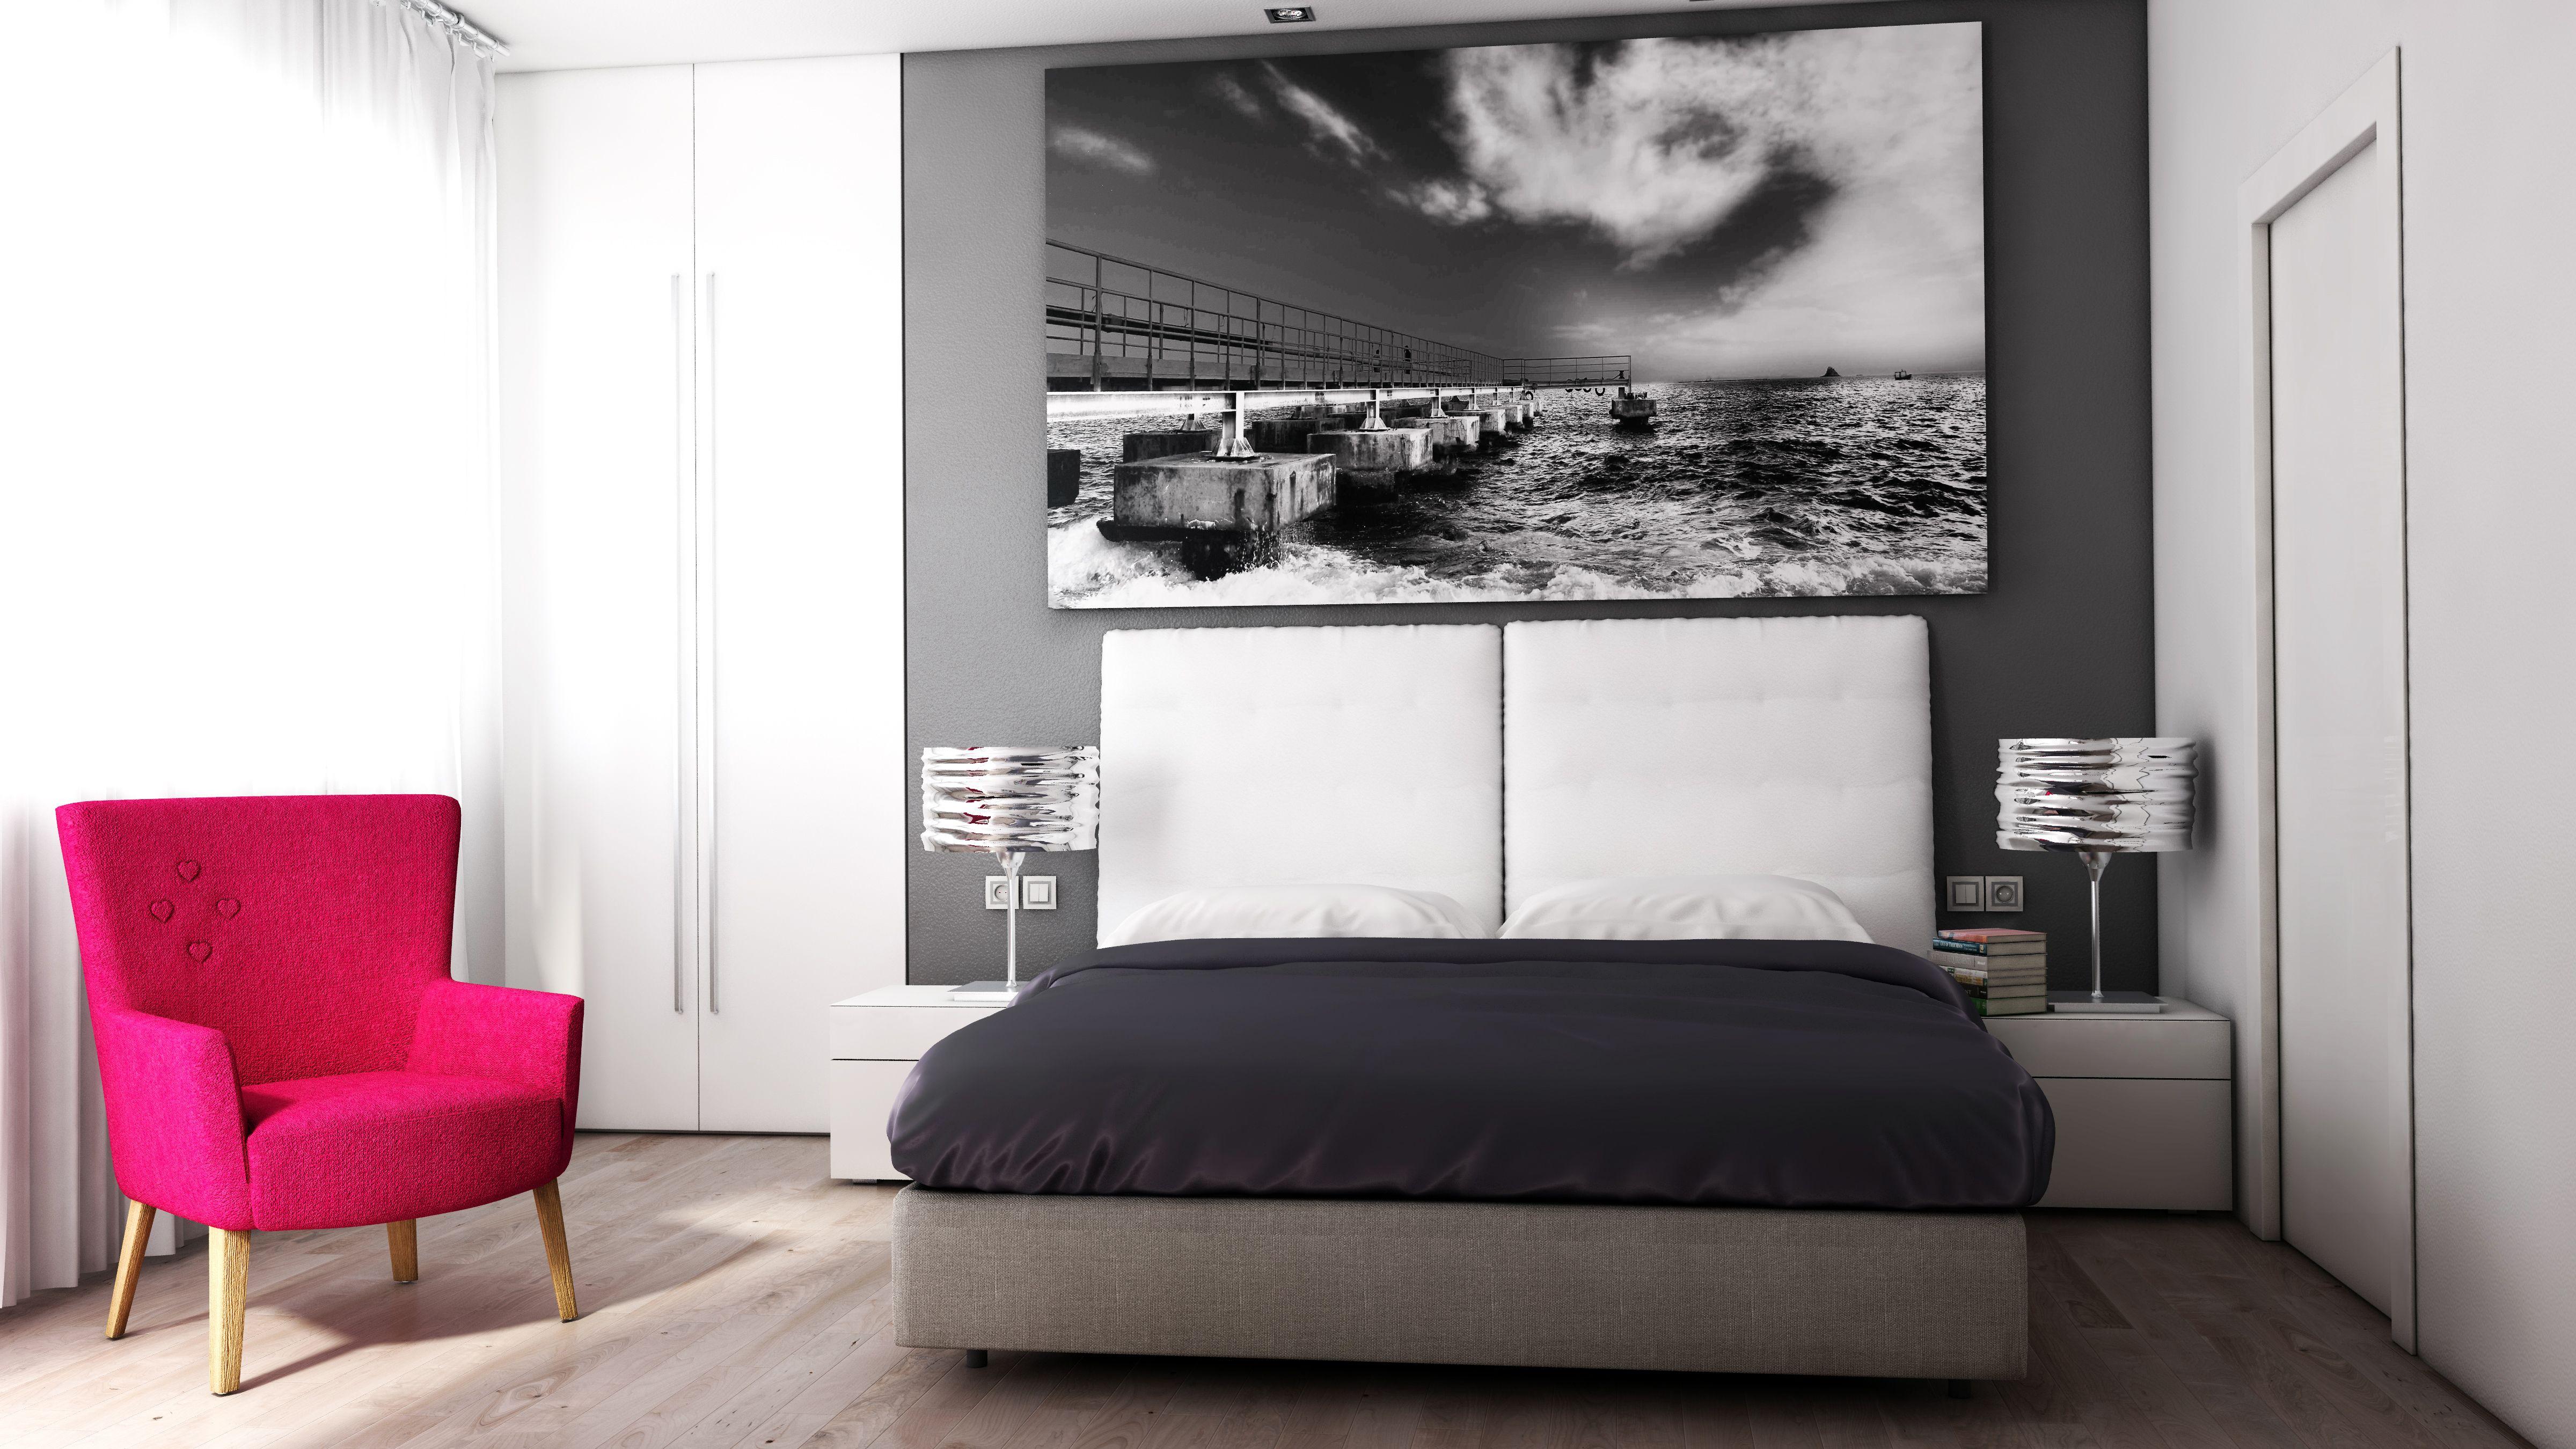 Soggiorno con vista angolo cottura e corridoio con illuminazione artificiale mista a illuminazione naturale Render Interni Pinterest